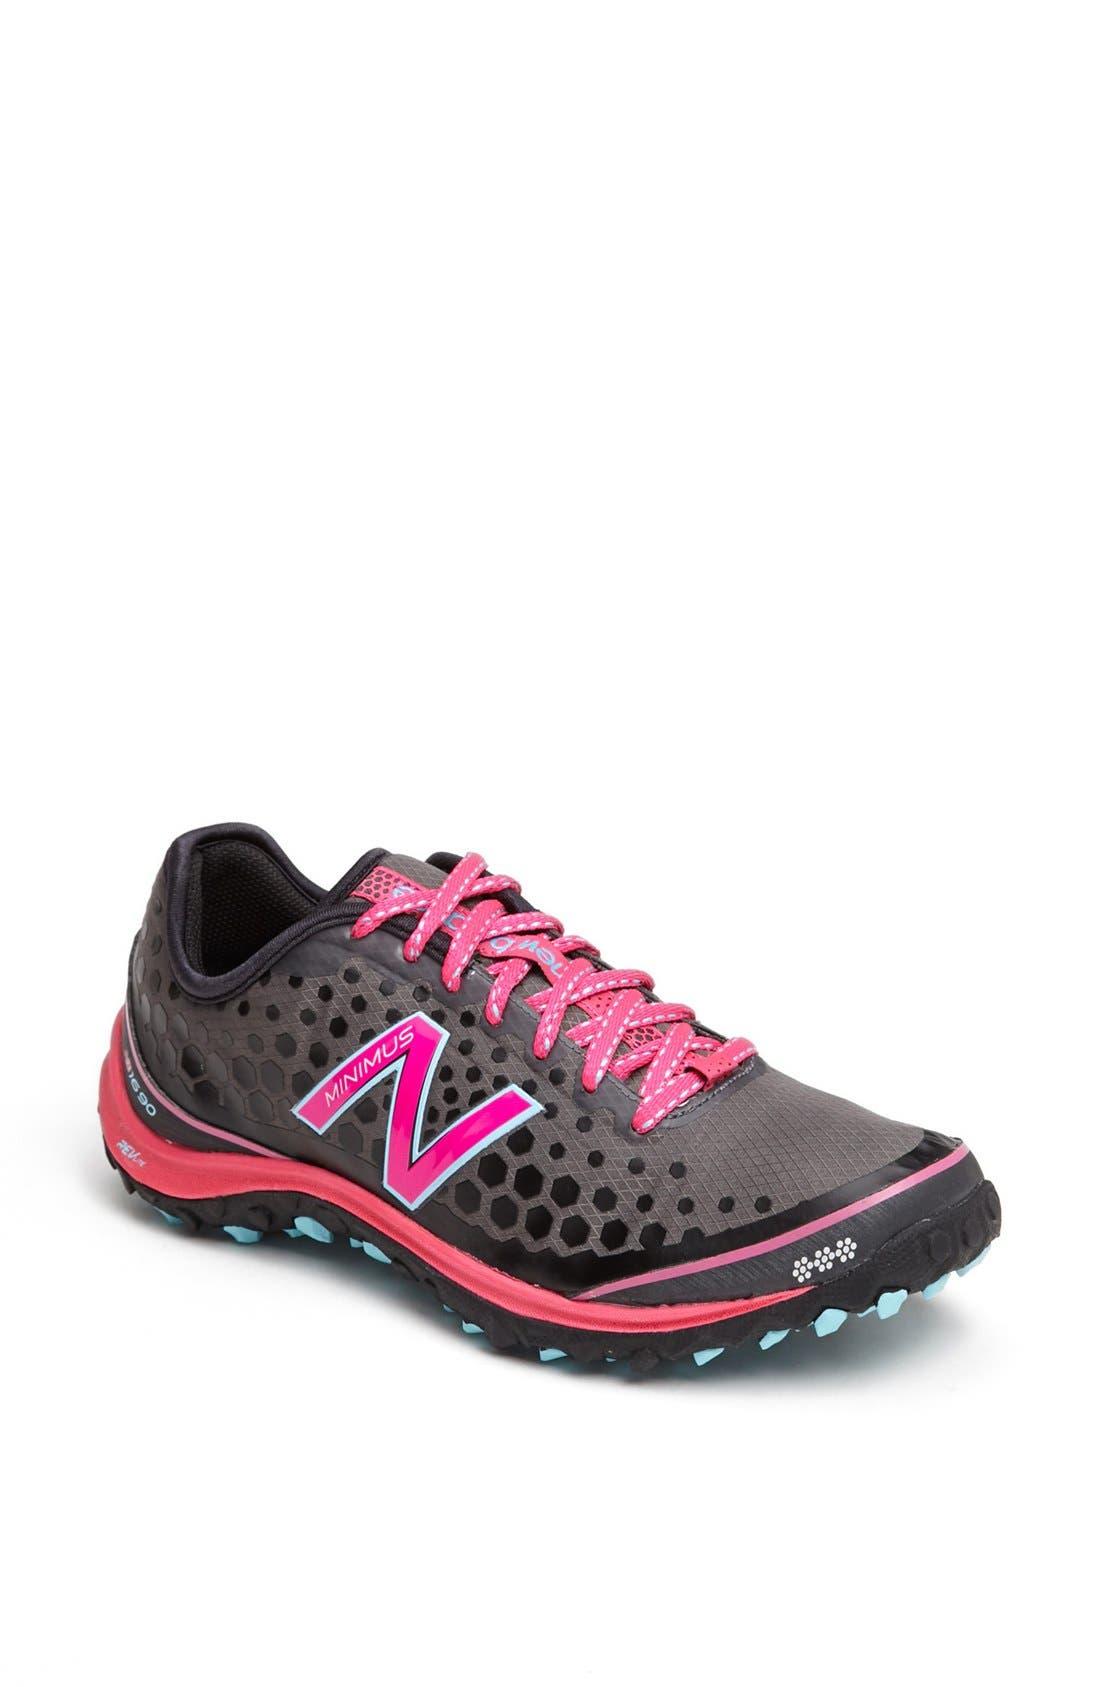 Main Image - New Balance '1690' Running Shoe (Women)